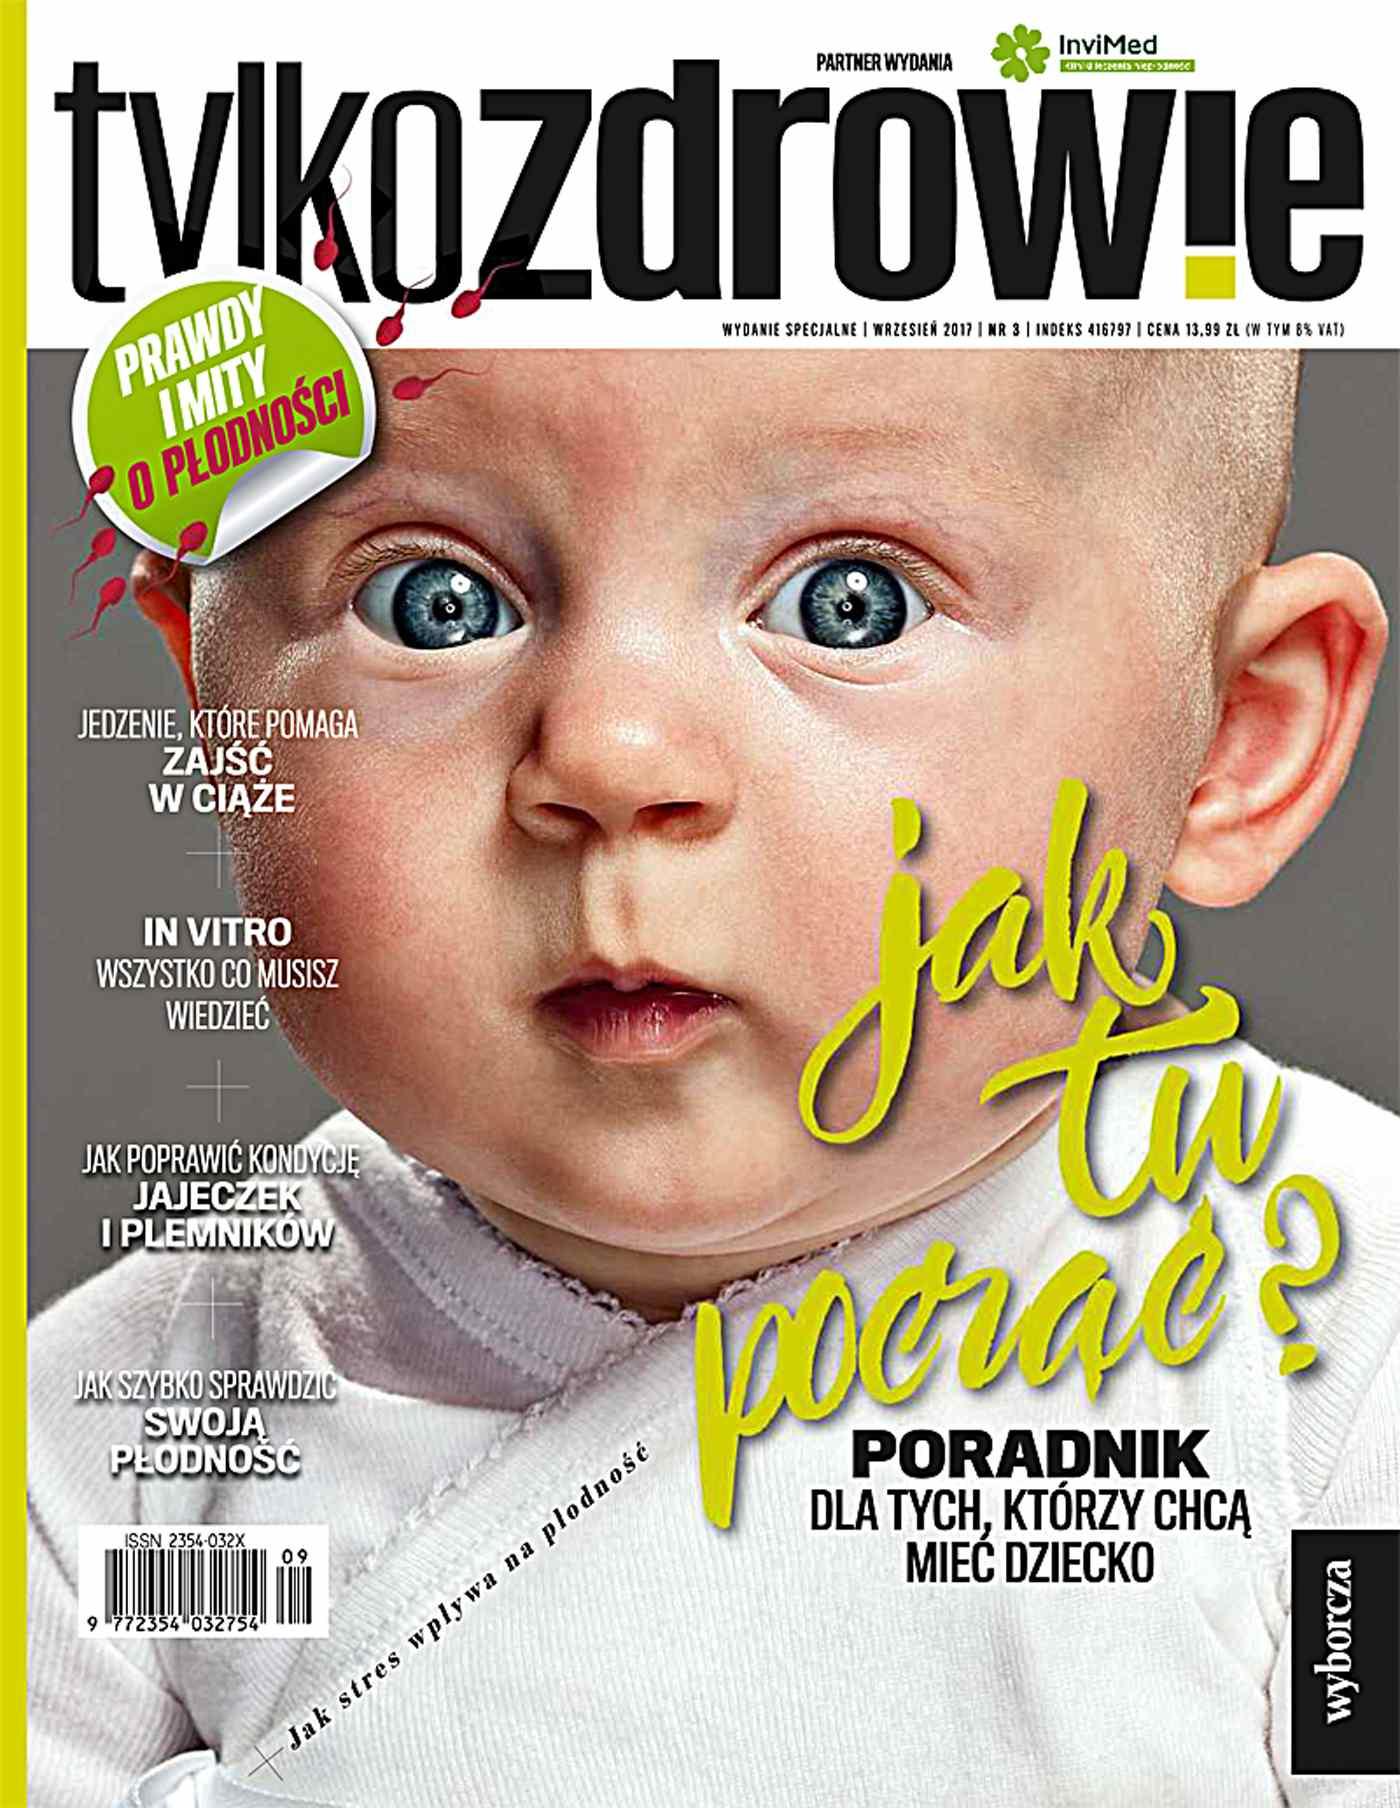 Tylko Zdrowie. Wydanie Specjalne 3/2017 Poradnik dla tych którzy chcą mieć dziecko - Ebook (Książka PDF) do pobrania w formacie PDF